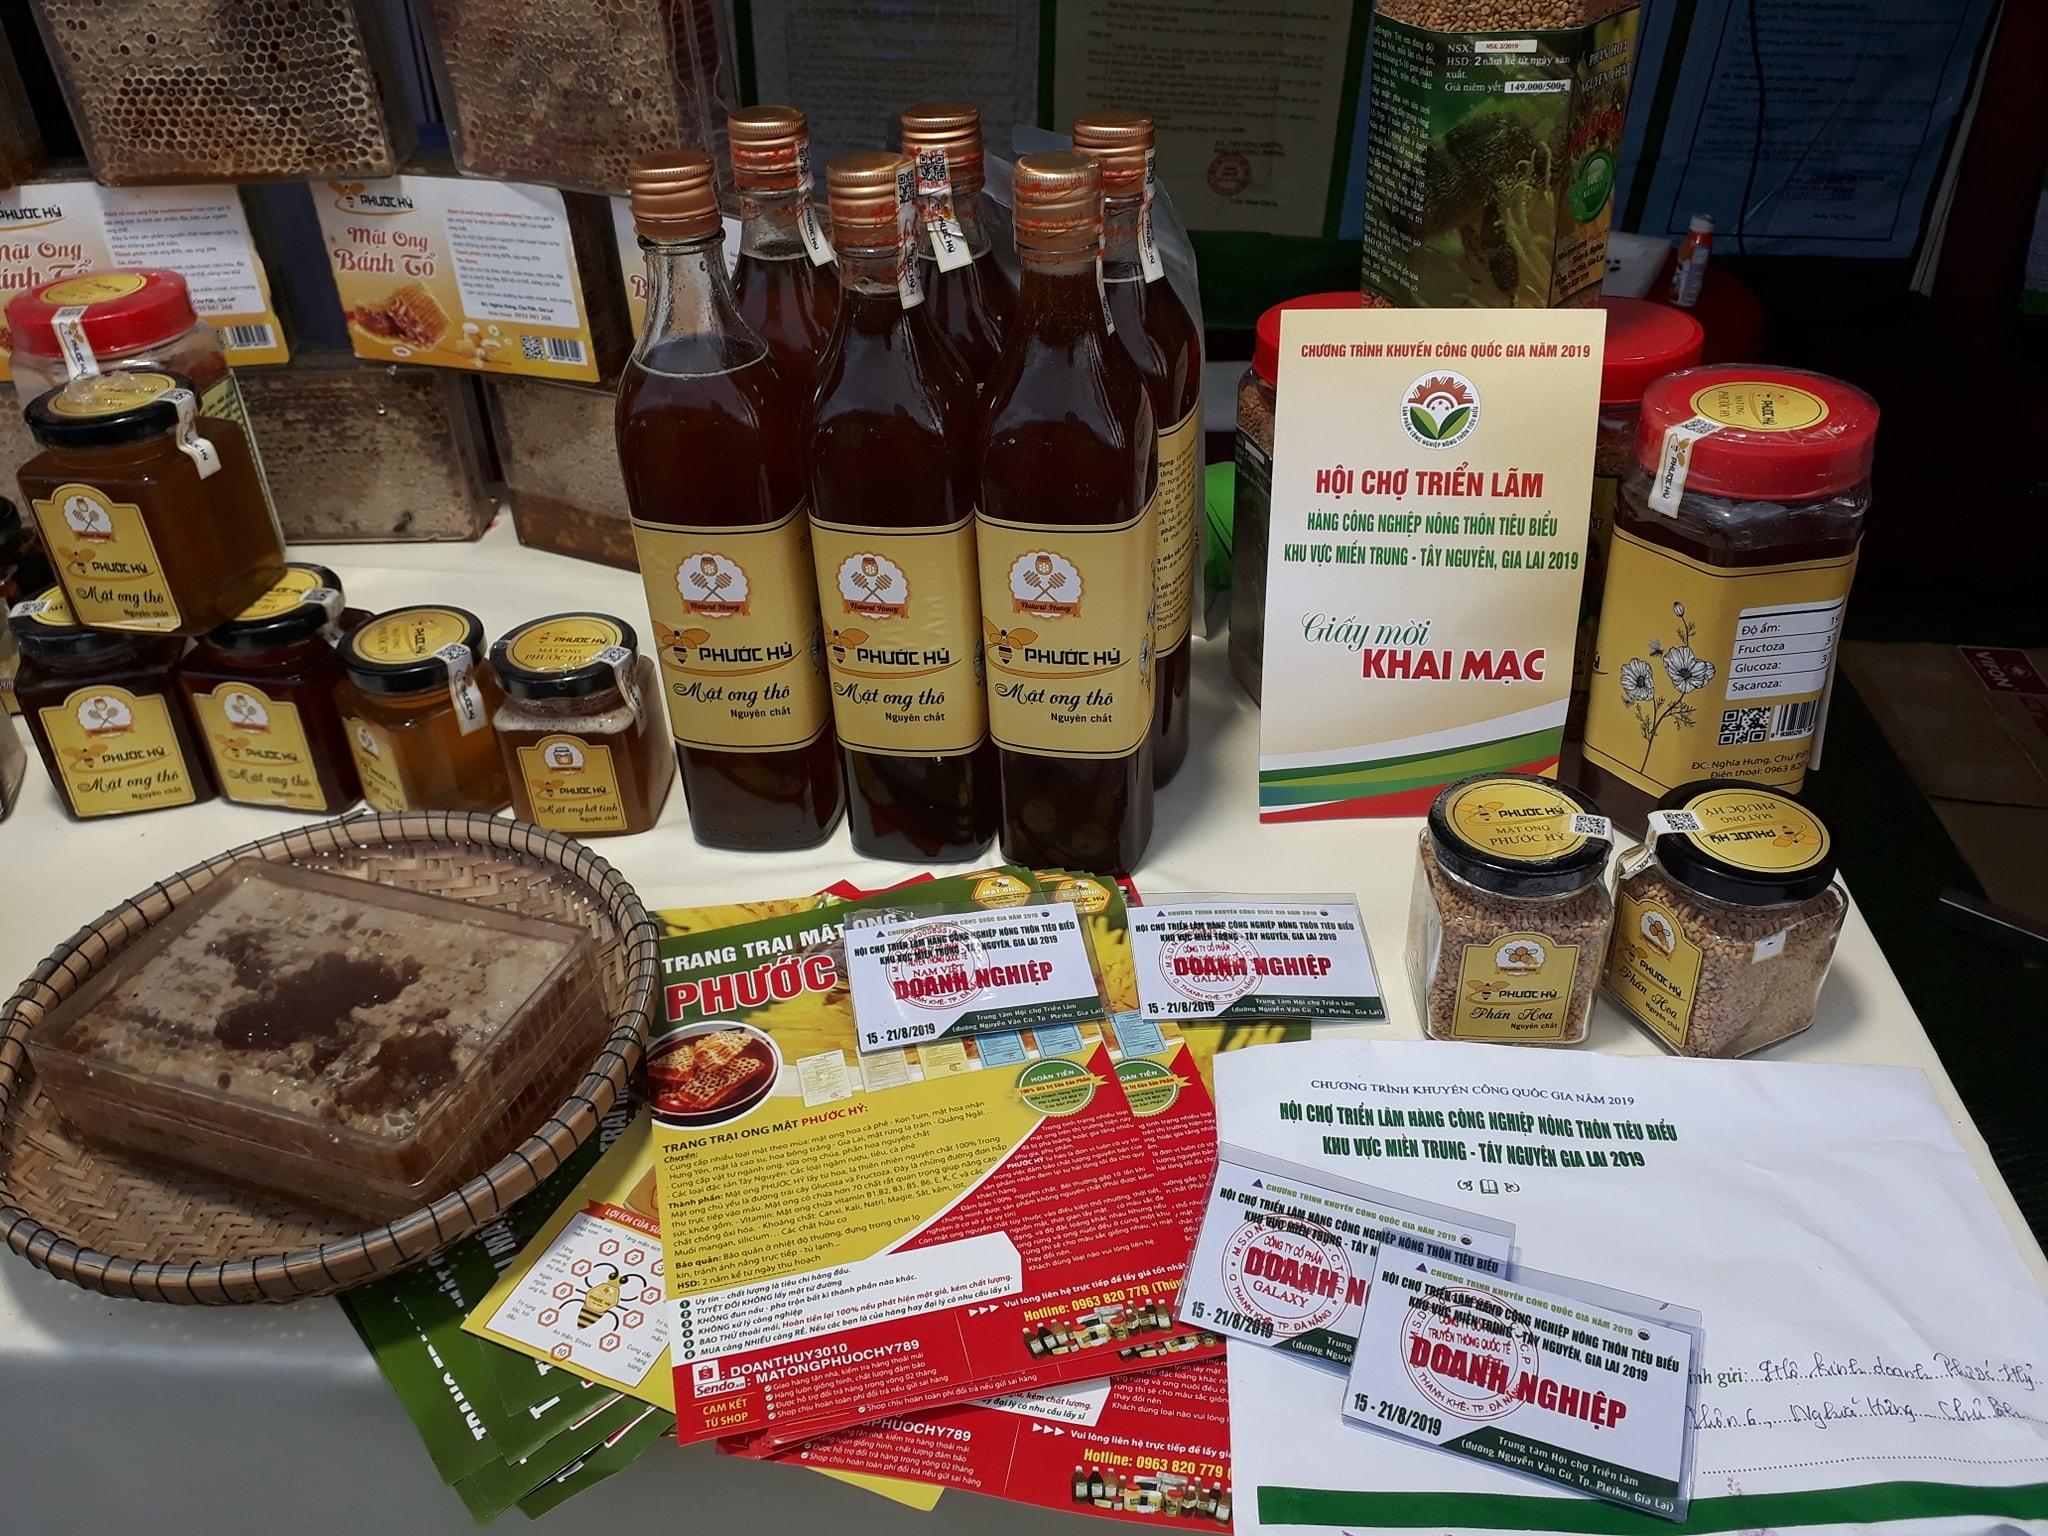 mật ong nguyên chất Phước Hỷ 600g